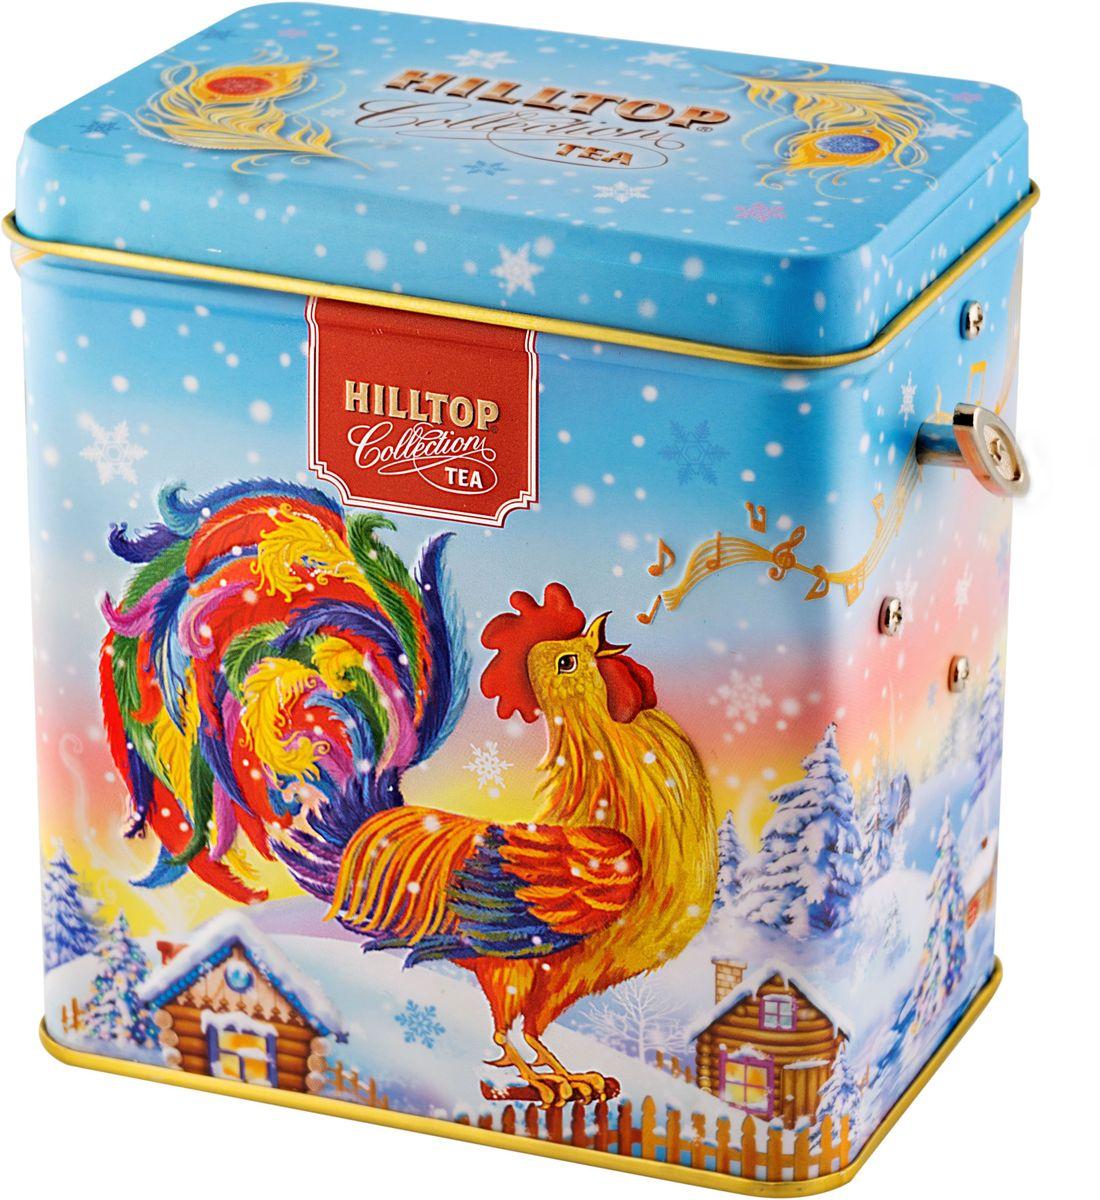 Hilltop Зимняя мелодия Подарок Цейлона черный листовой чай, 100 г0120710Hilltop Подарок Цейлона - крупнолистовой цейлонский черный чай с глубоким, насыщенным вкусом и изумительным ароматом. Поставляется в подарочной металлической упаковкев форме музыкальной шкатулки. Отлично подойдет в качестве подарка на новогодние праздники.